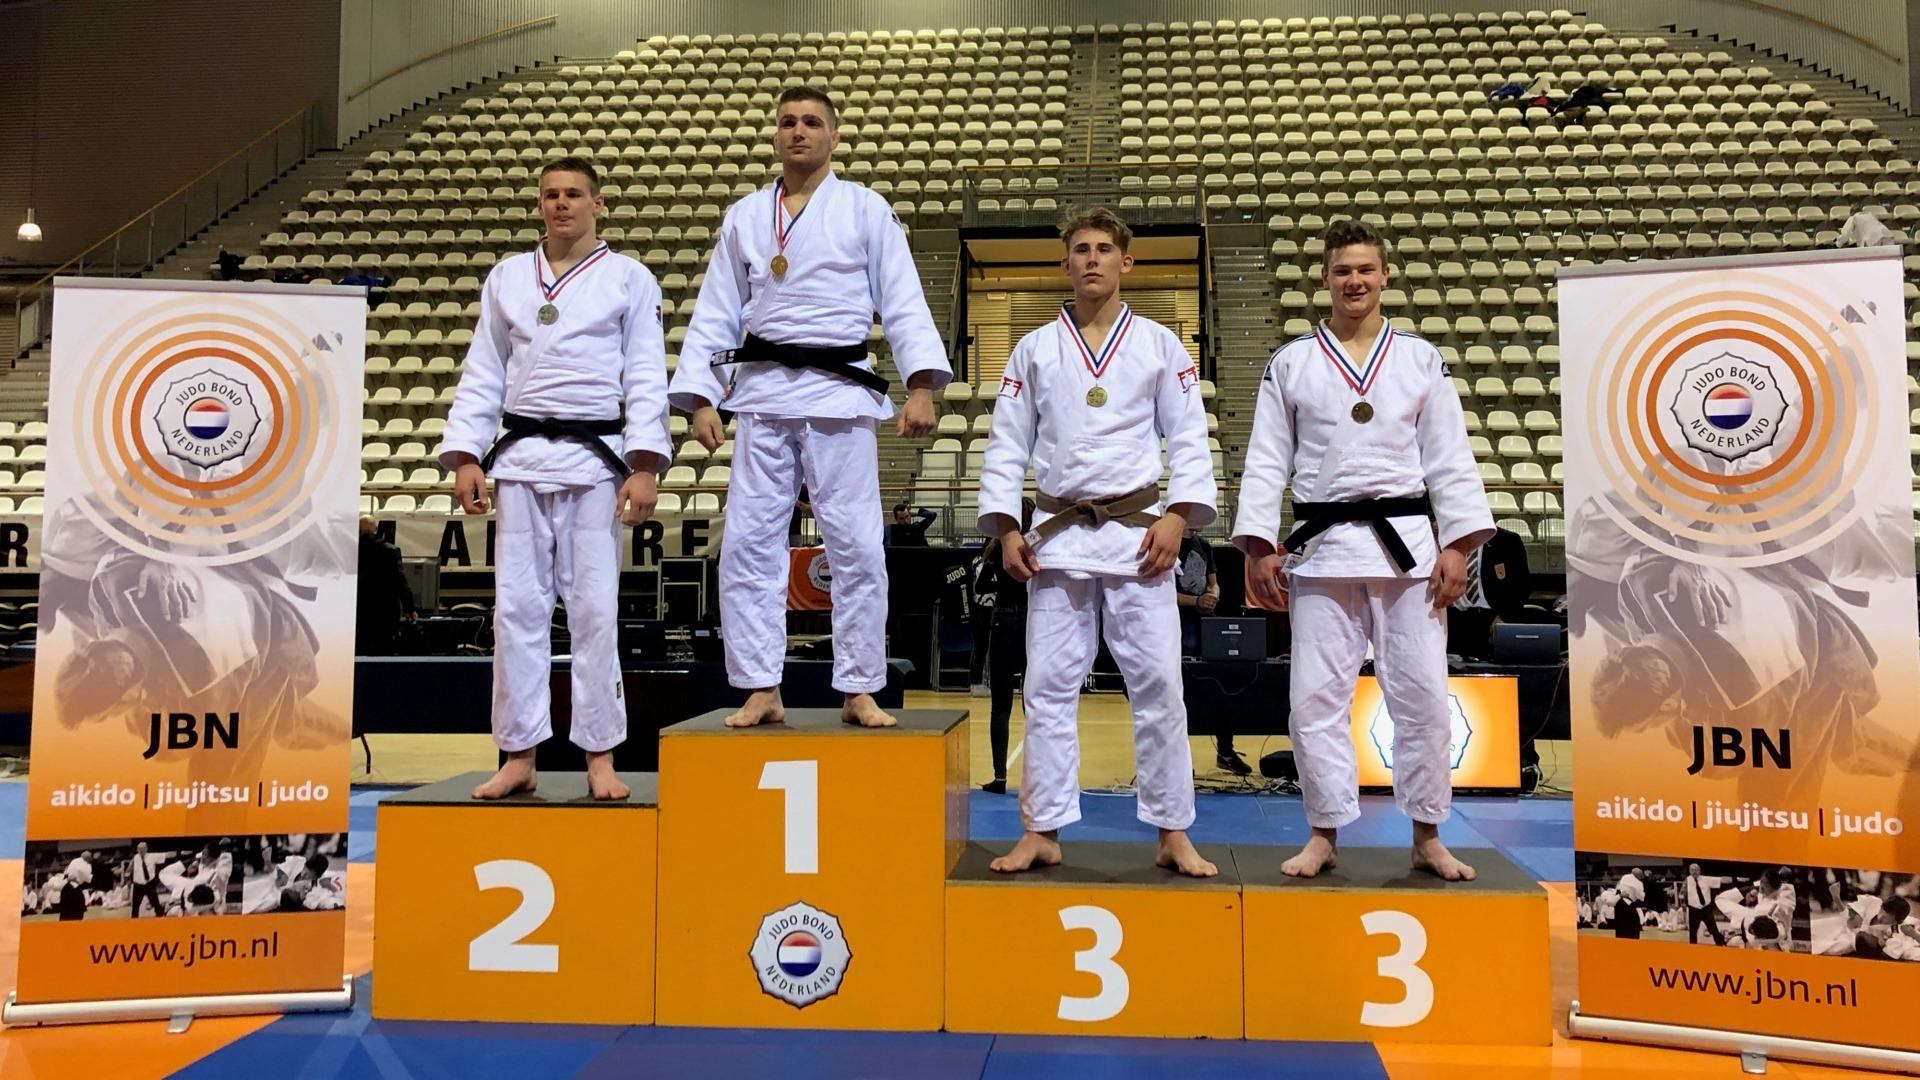 Judo Yushi Loek van der Veld nku21 2019 u90 kg 3e podiumpfoto